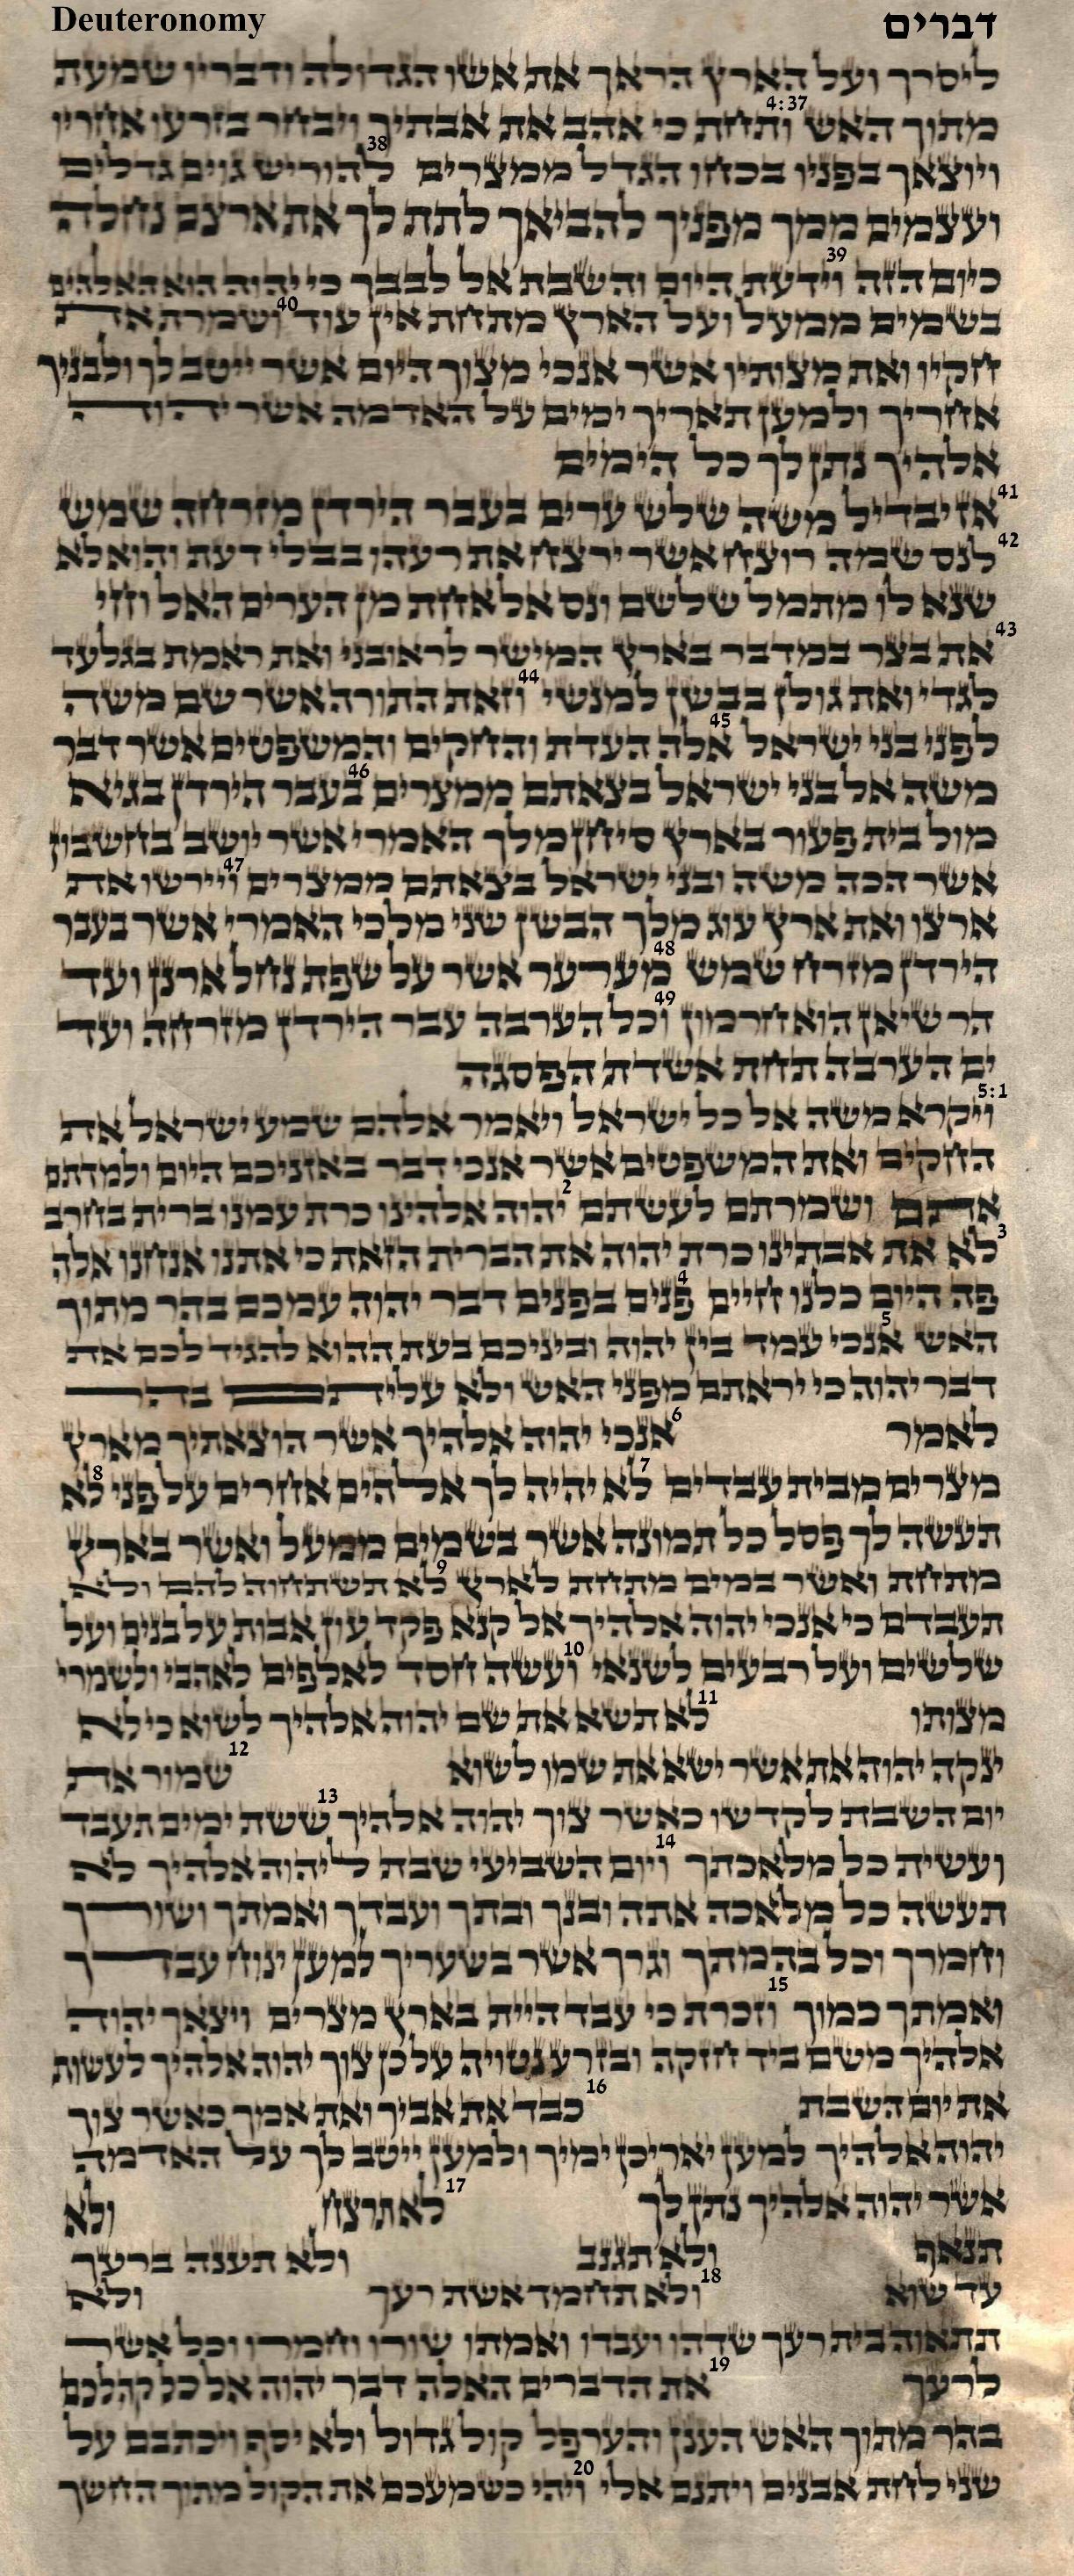 Deuteronomy 4.37 - 5.20